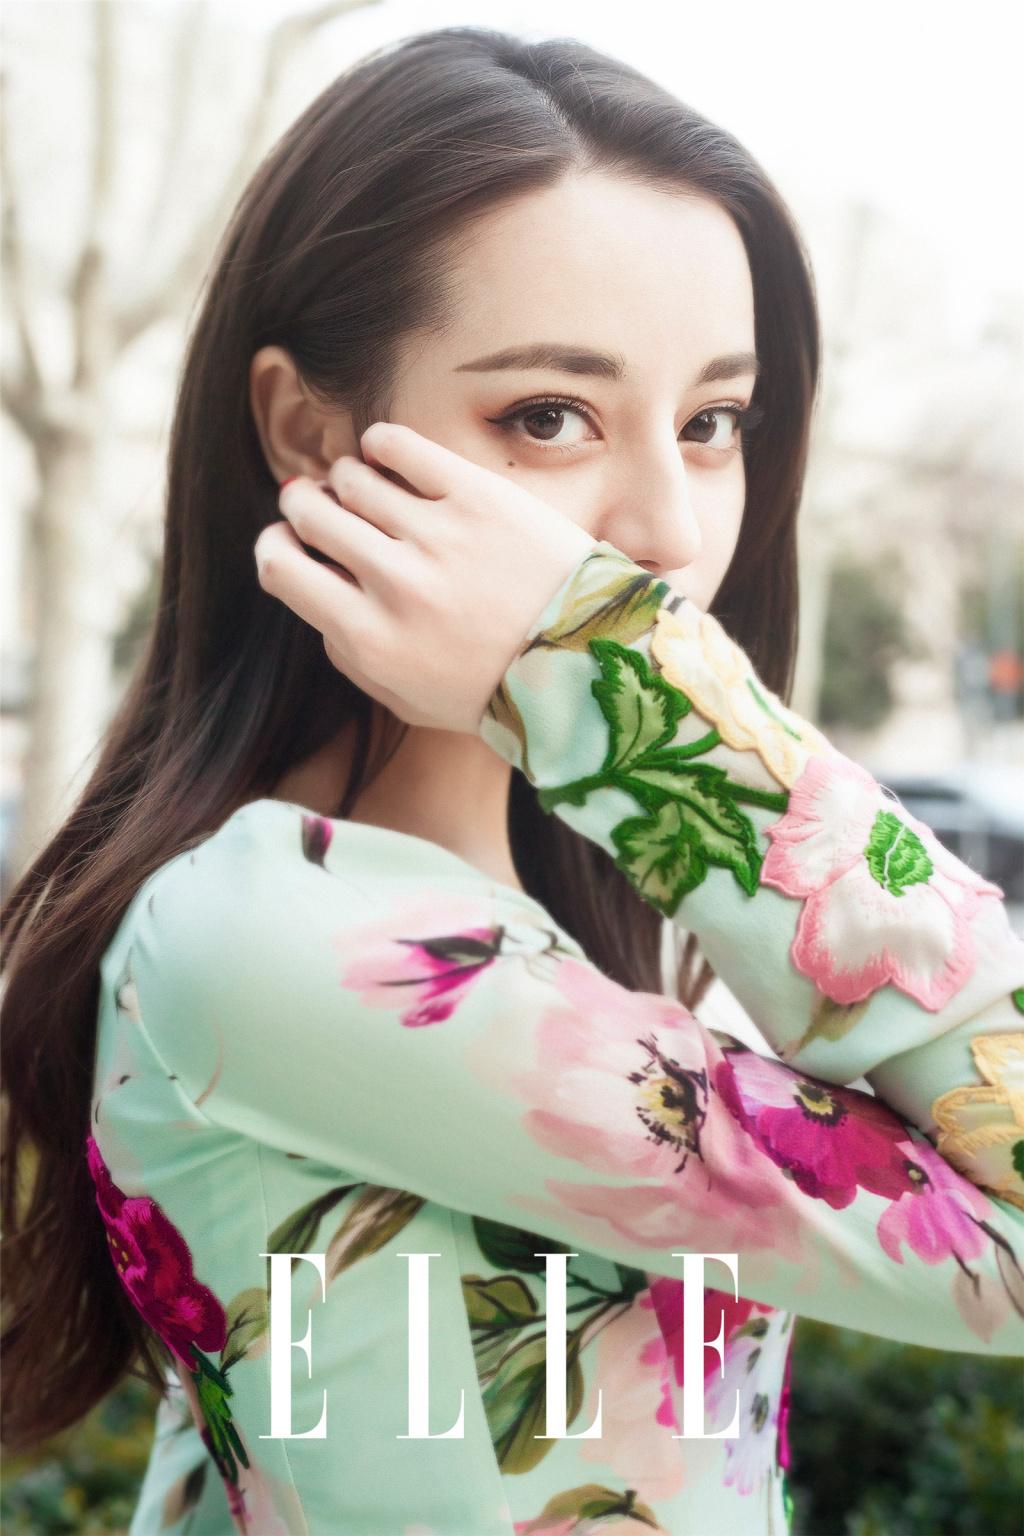 花团锦簇的 迪丽热巴 优雅而迷人 摄人心魄的美让人移不开视线